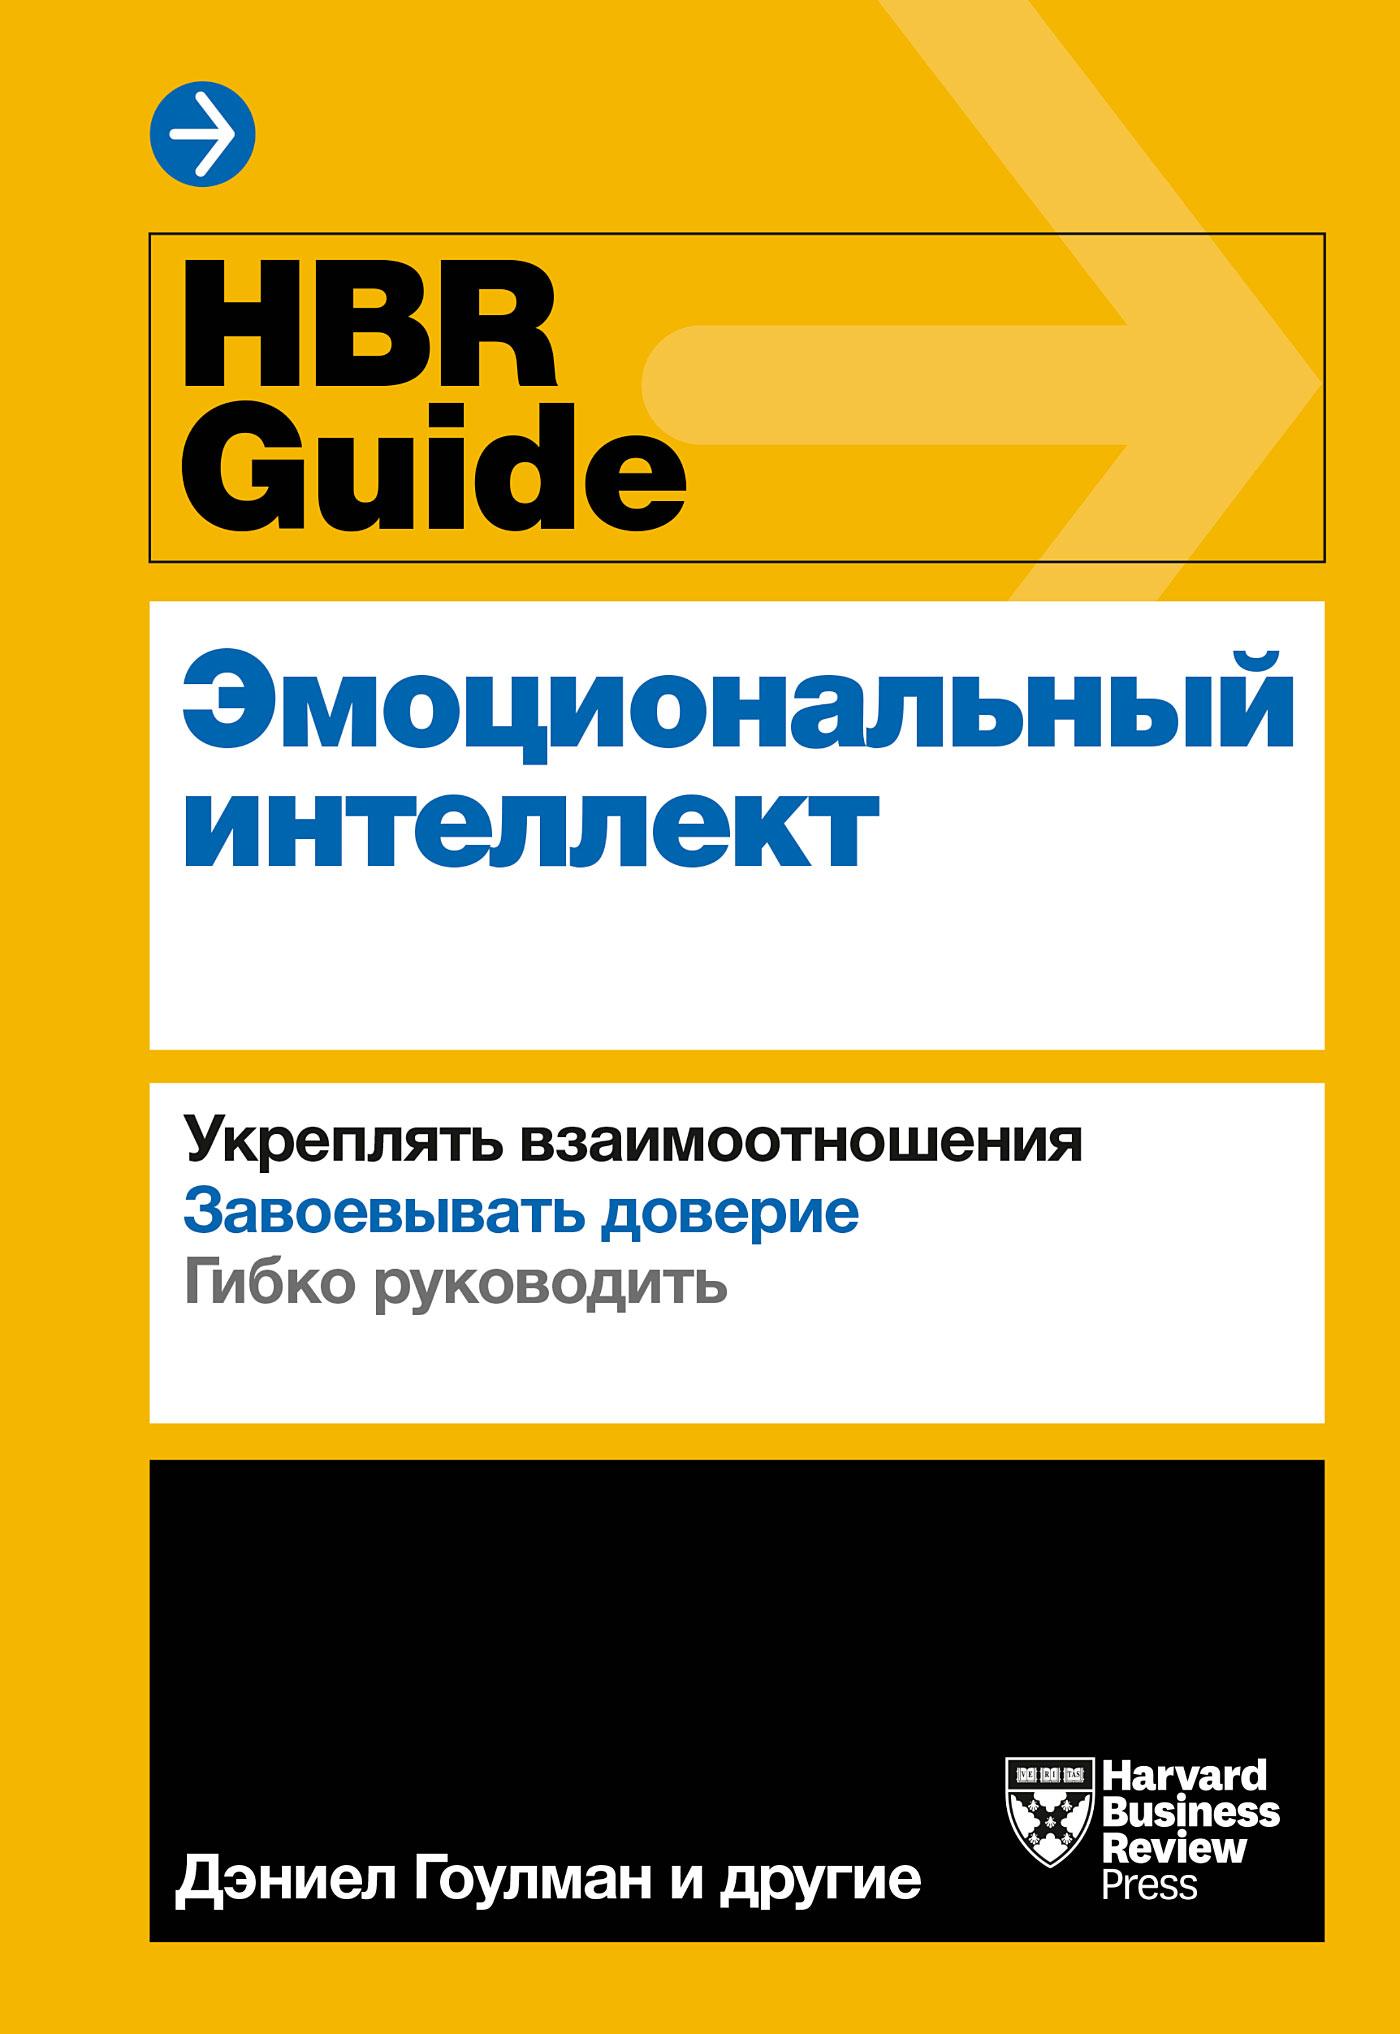 Обложка книги HBR Guide. Эмоциональный интеллект